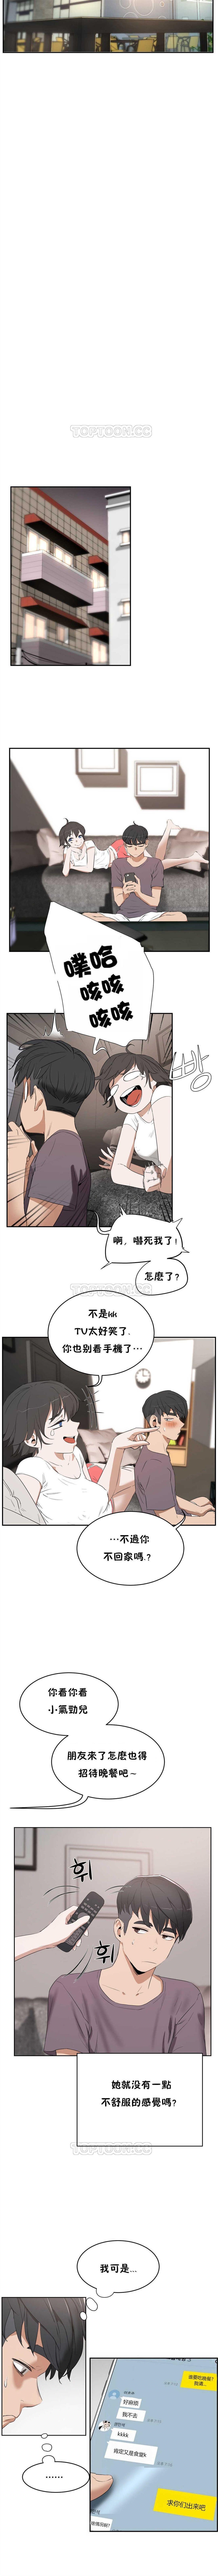 性教育 1-48.5 中文翻译(完結) 74